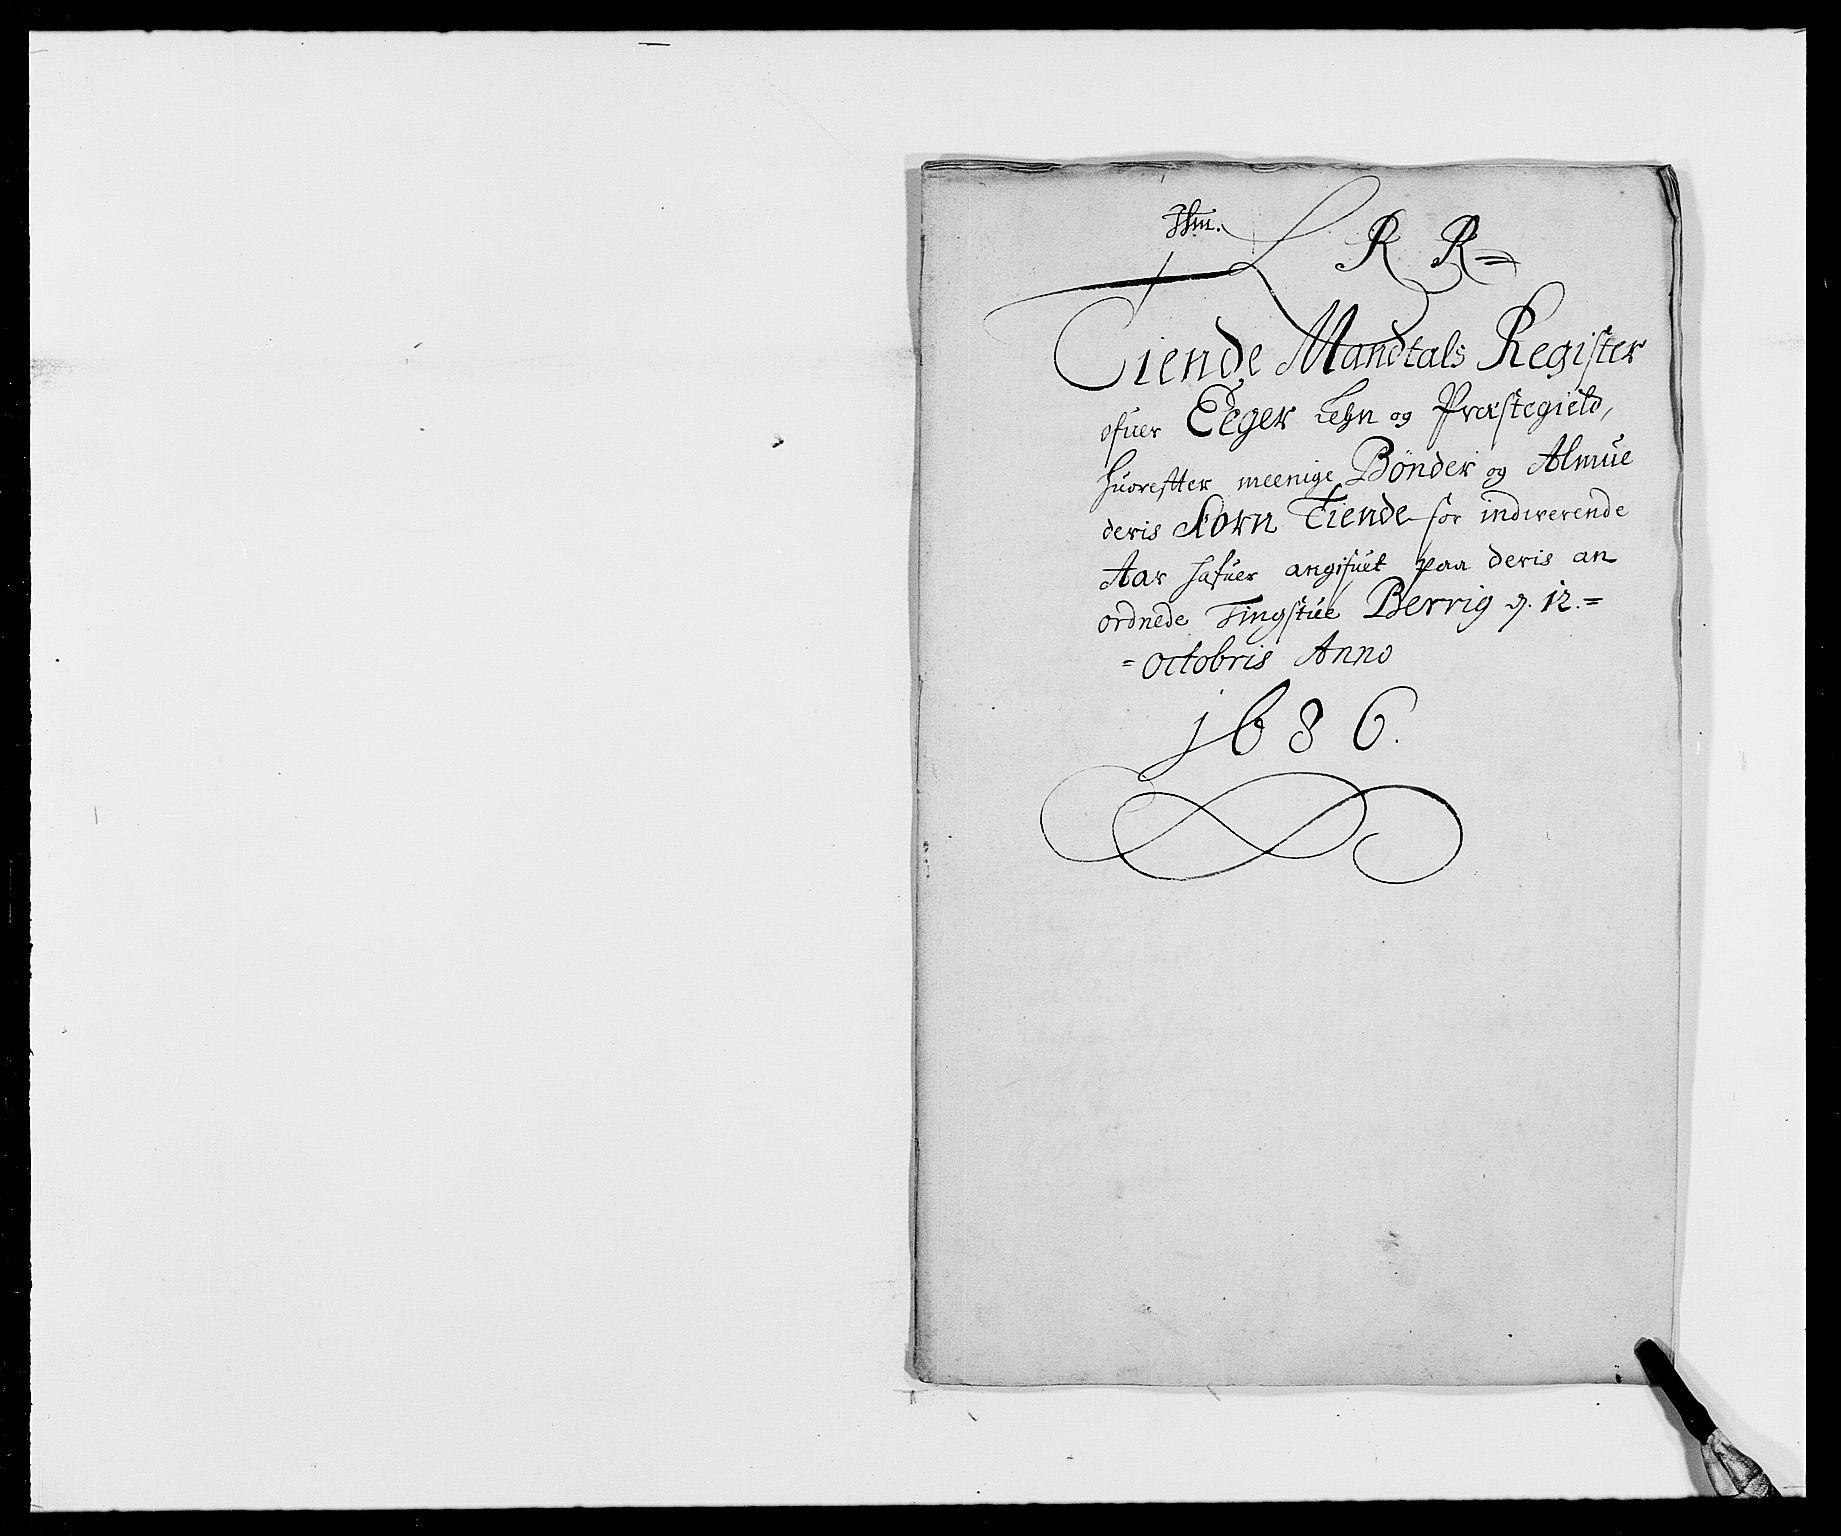 RA, Rentekammeret inntil 1814, Reviderte regnskaper, Fogderegnskap, R26/L1685: Fogderegnskap Eiker, 1679-1686, s. 153